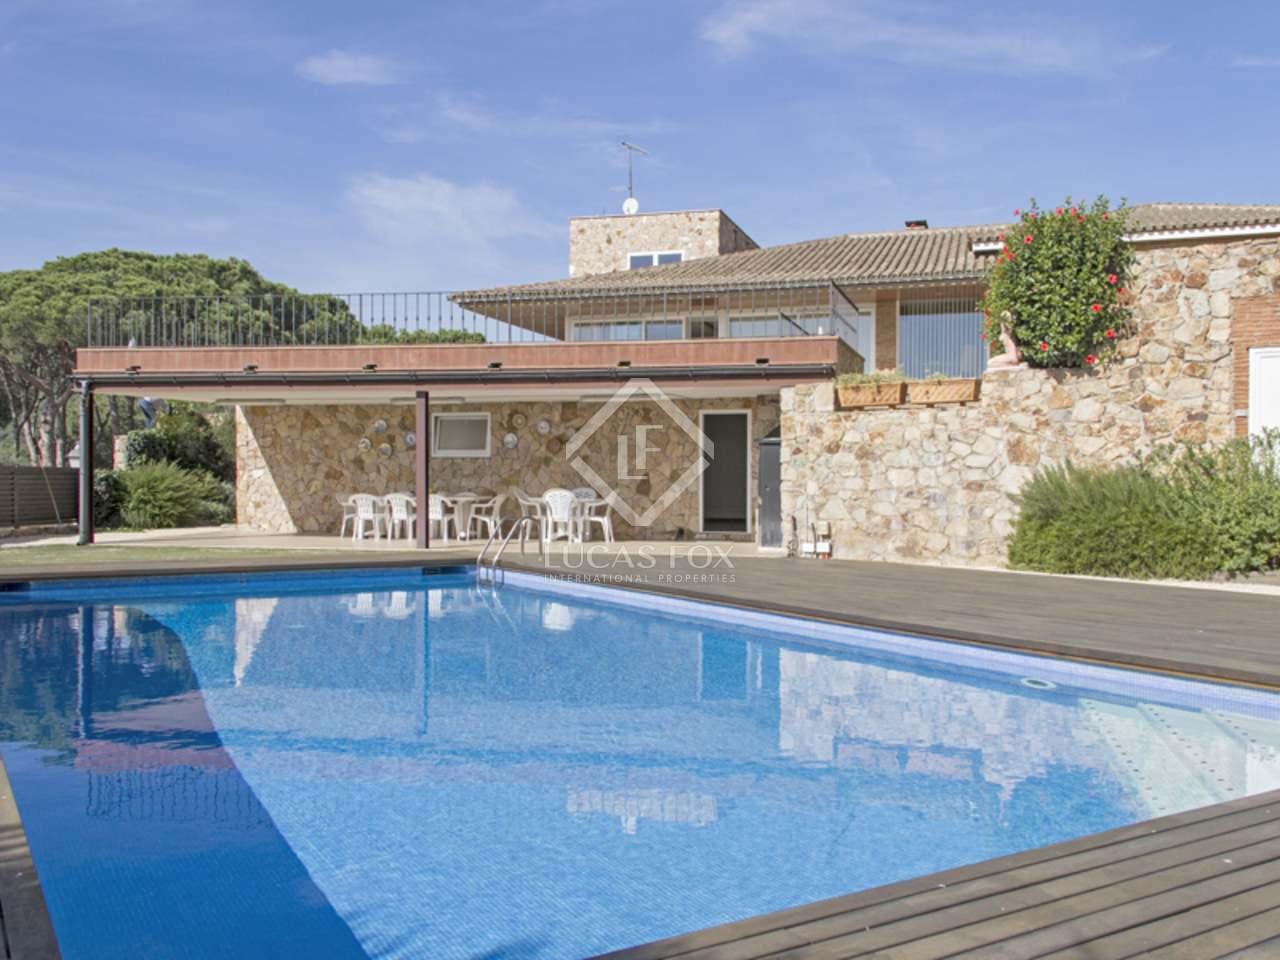 Casa en venta en la costa del maresme cerca de barcelona - Casas en arenys de munt ...